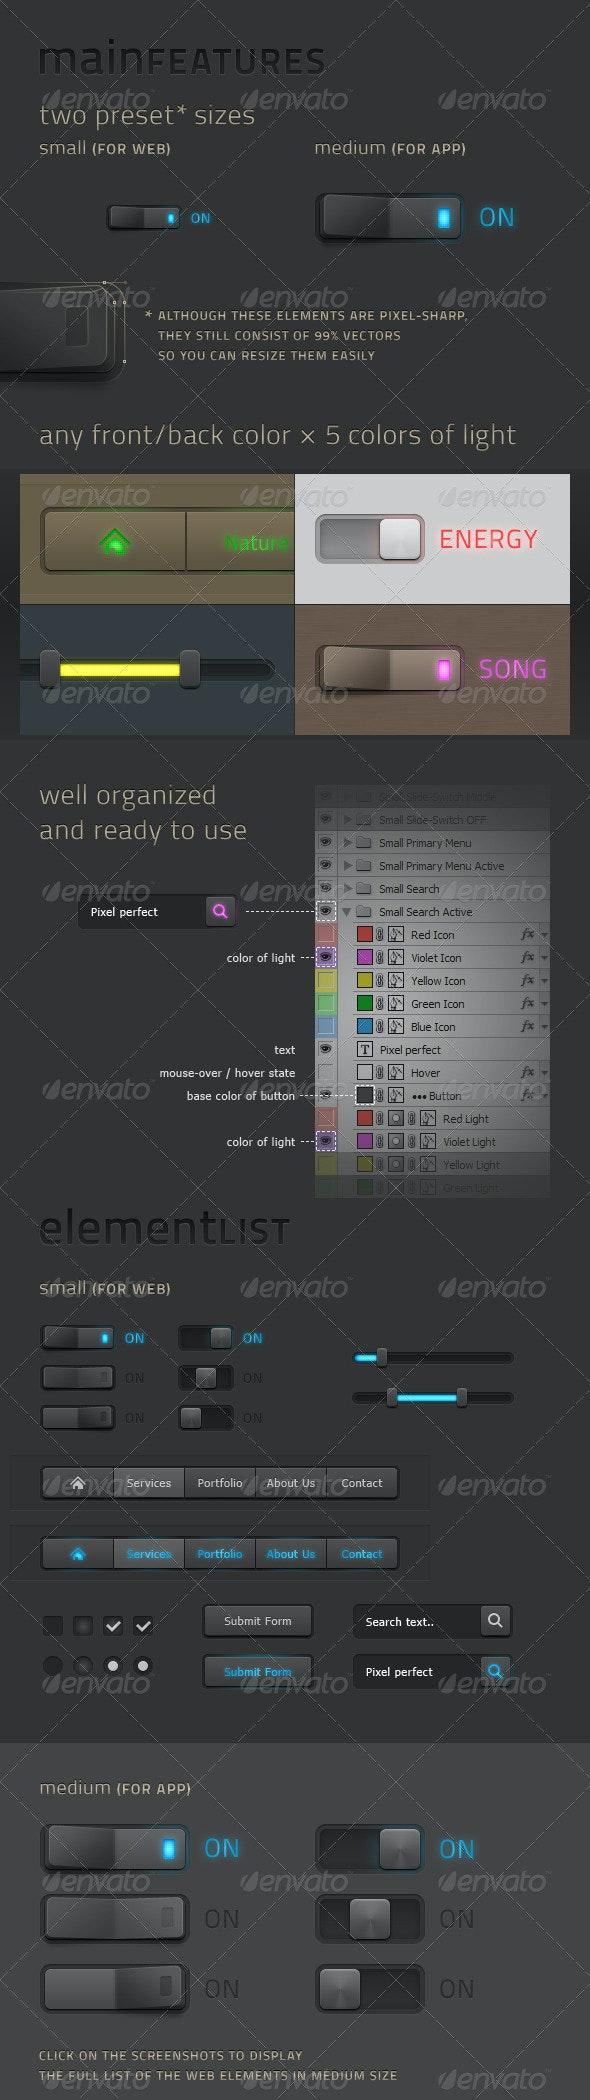 Nantes Web Elements - Buttons Web Elements